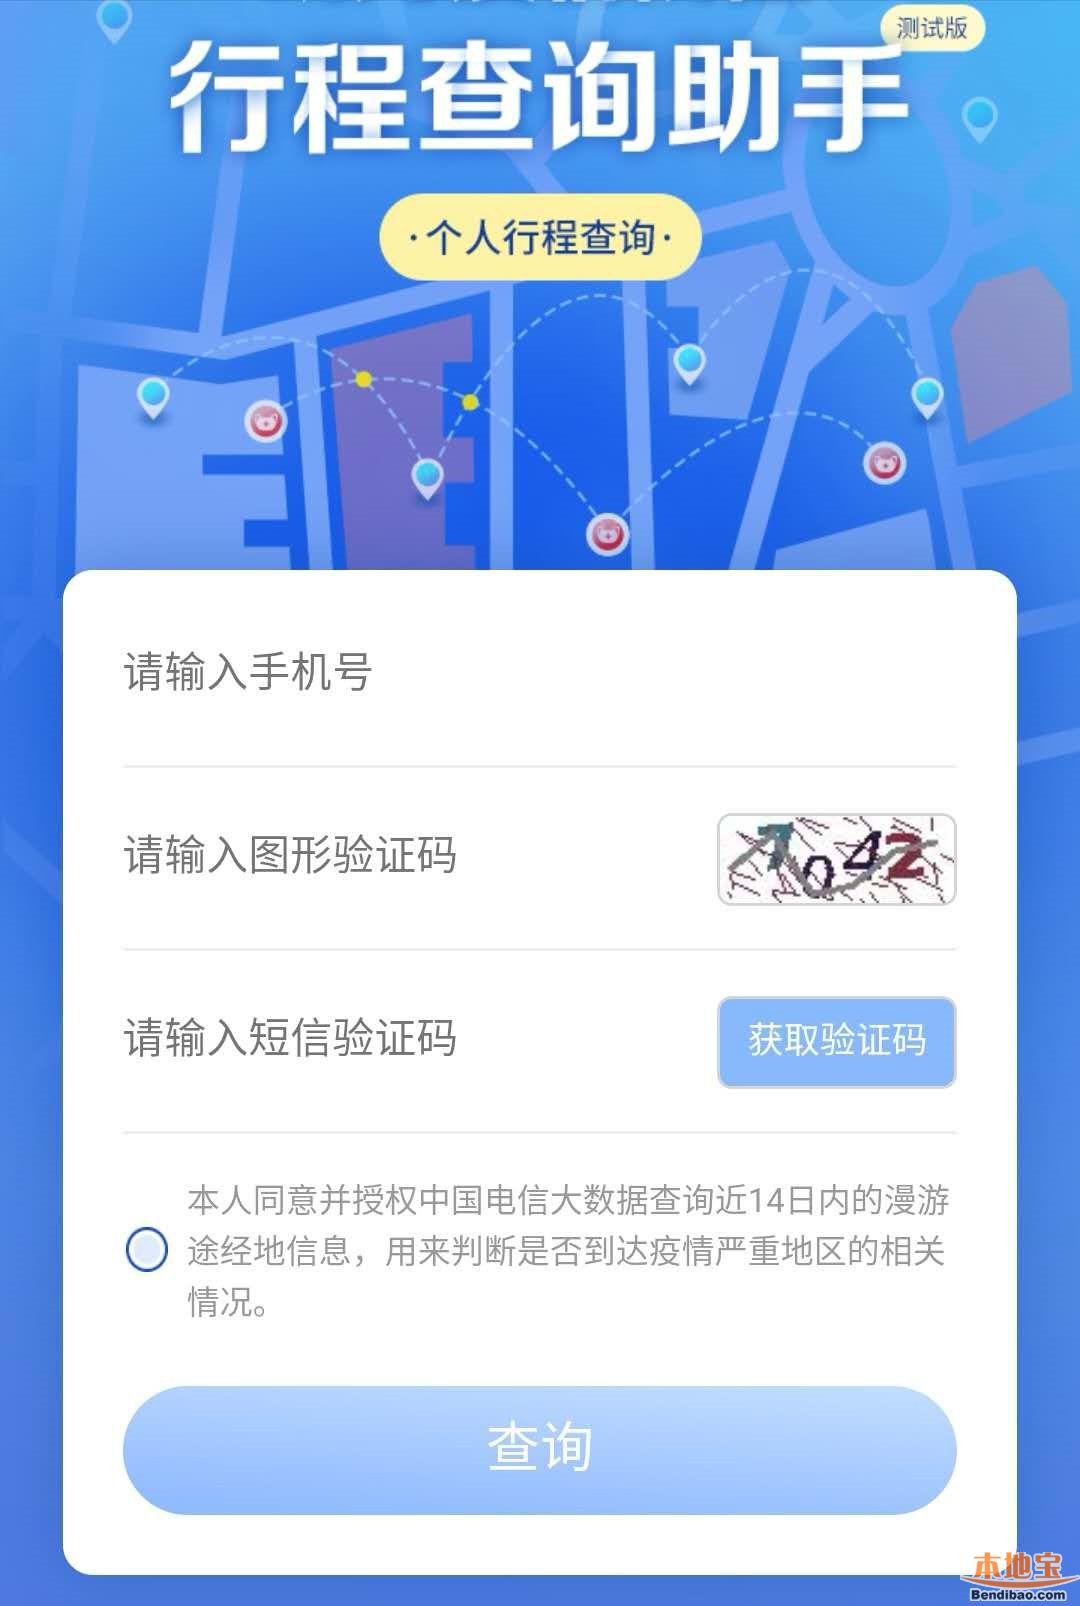 广州的区号查询_广州个人轨迹查询方法汇总(移动电信联通)- 广州本地宝